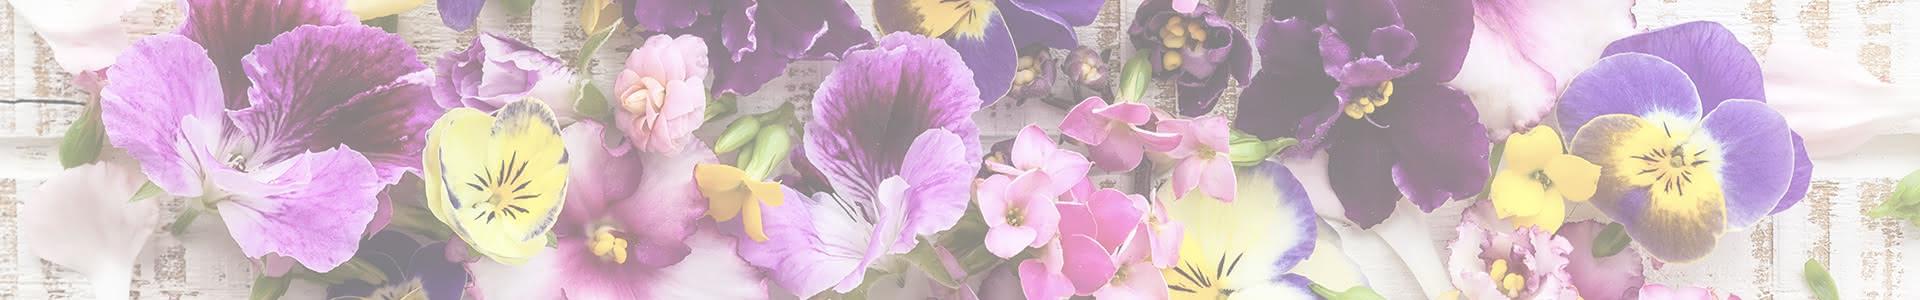 Consejos para el cuidado de tu ramo de flores frescas